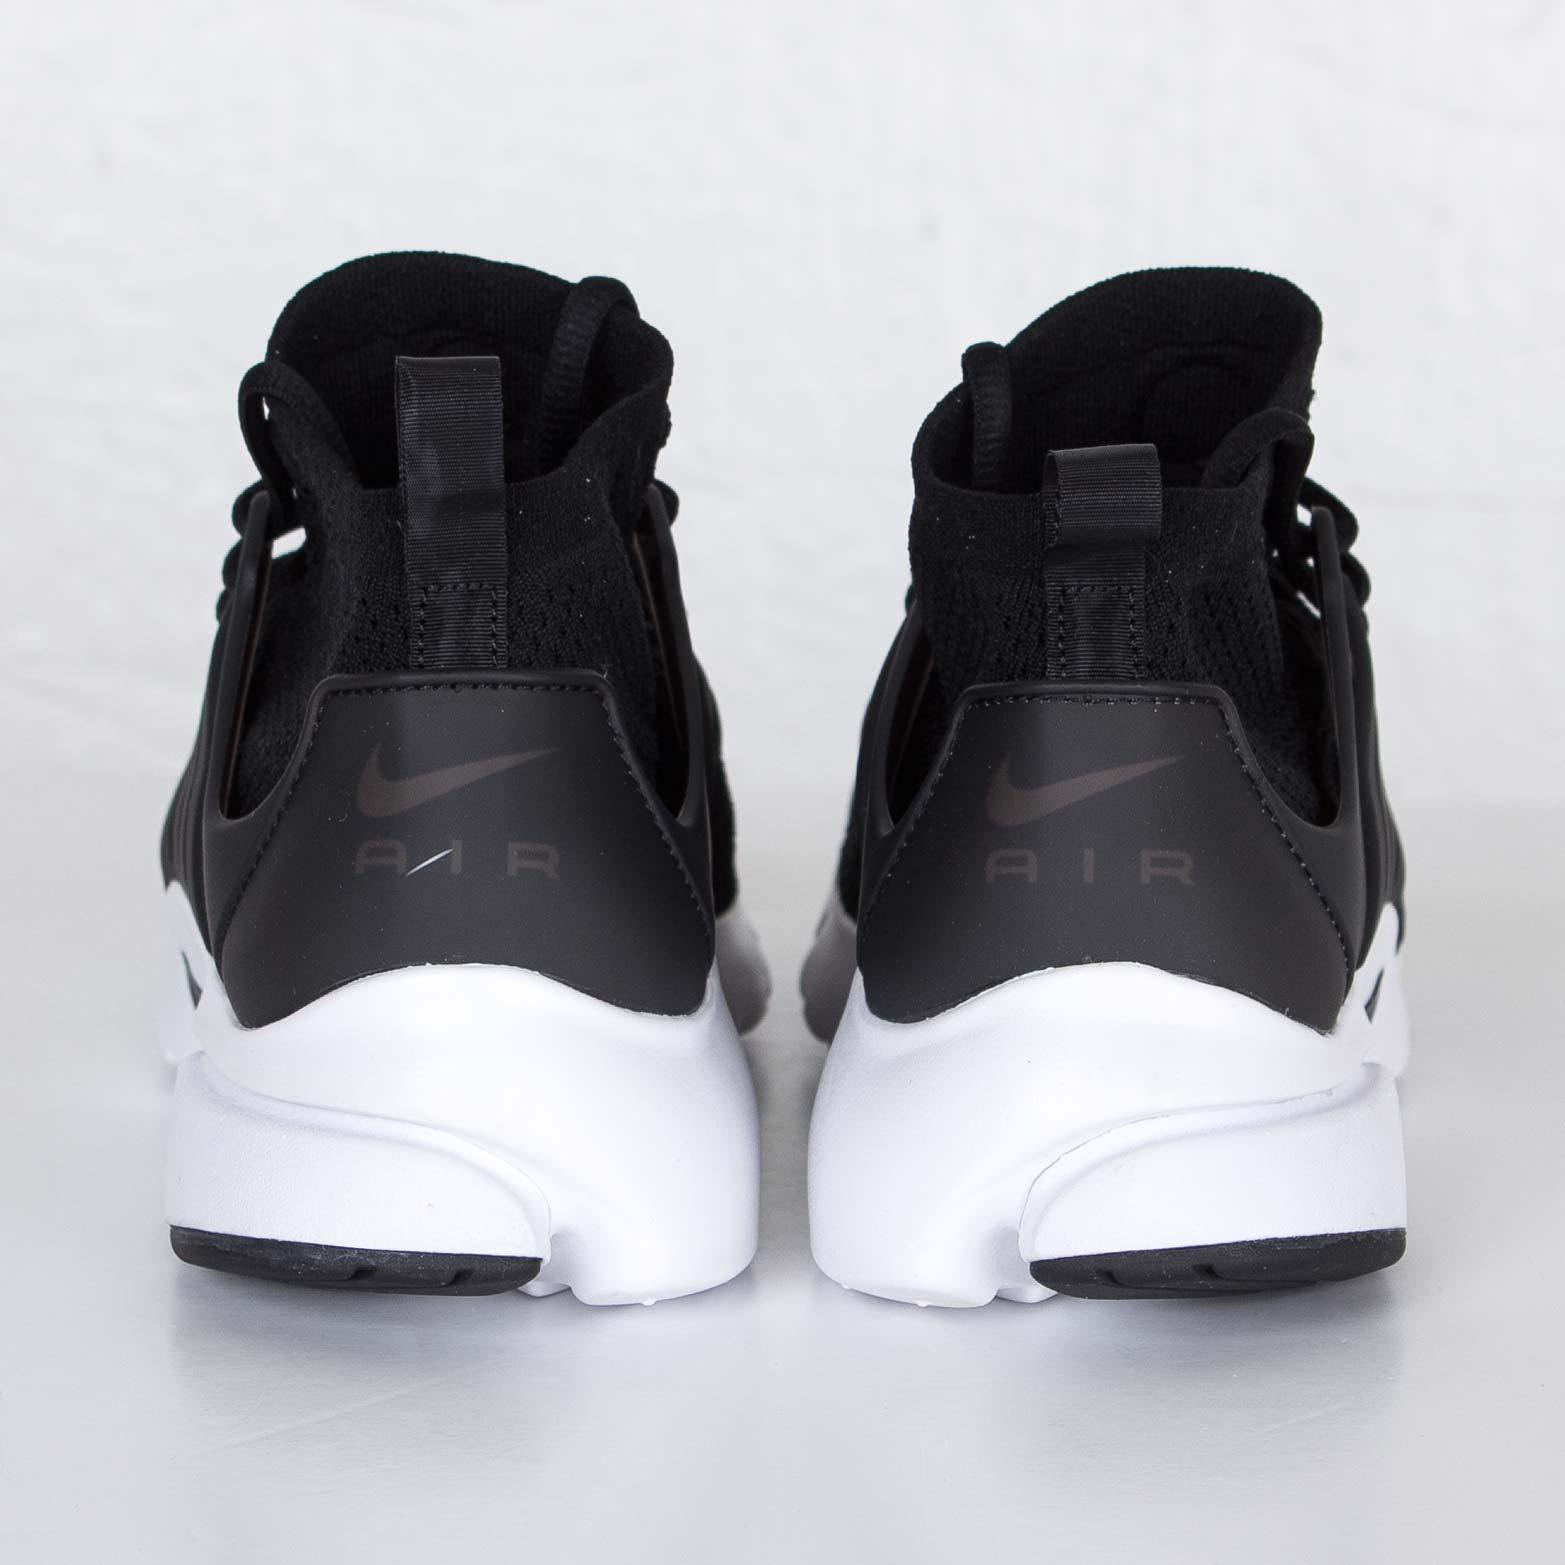 online store 729d0 2d98a Nike Air Presto Flyknit Ultra - 835570-001 - Sneakersnstuff   sneakers    streetwear online since 1999